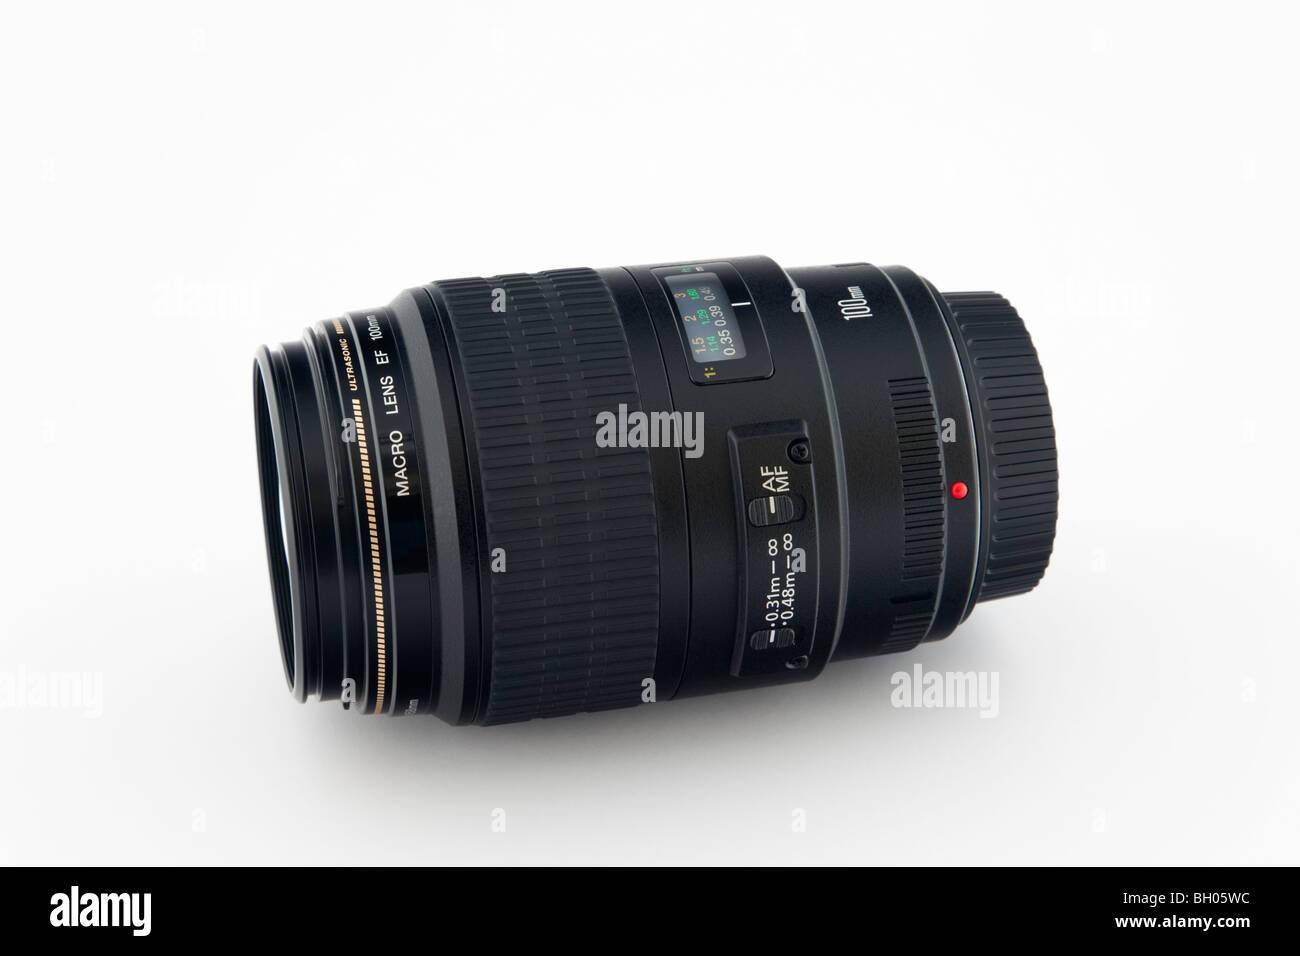 Unbranded Canon 100mm Makro Objektiv auf weißem Hintergrund Stockbild